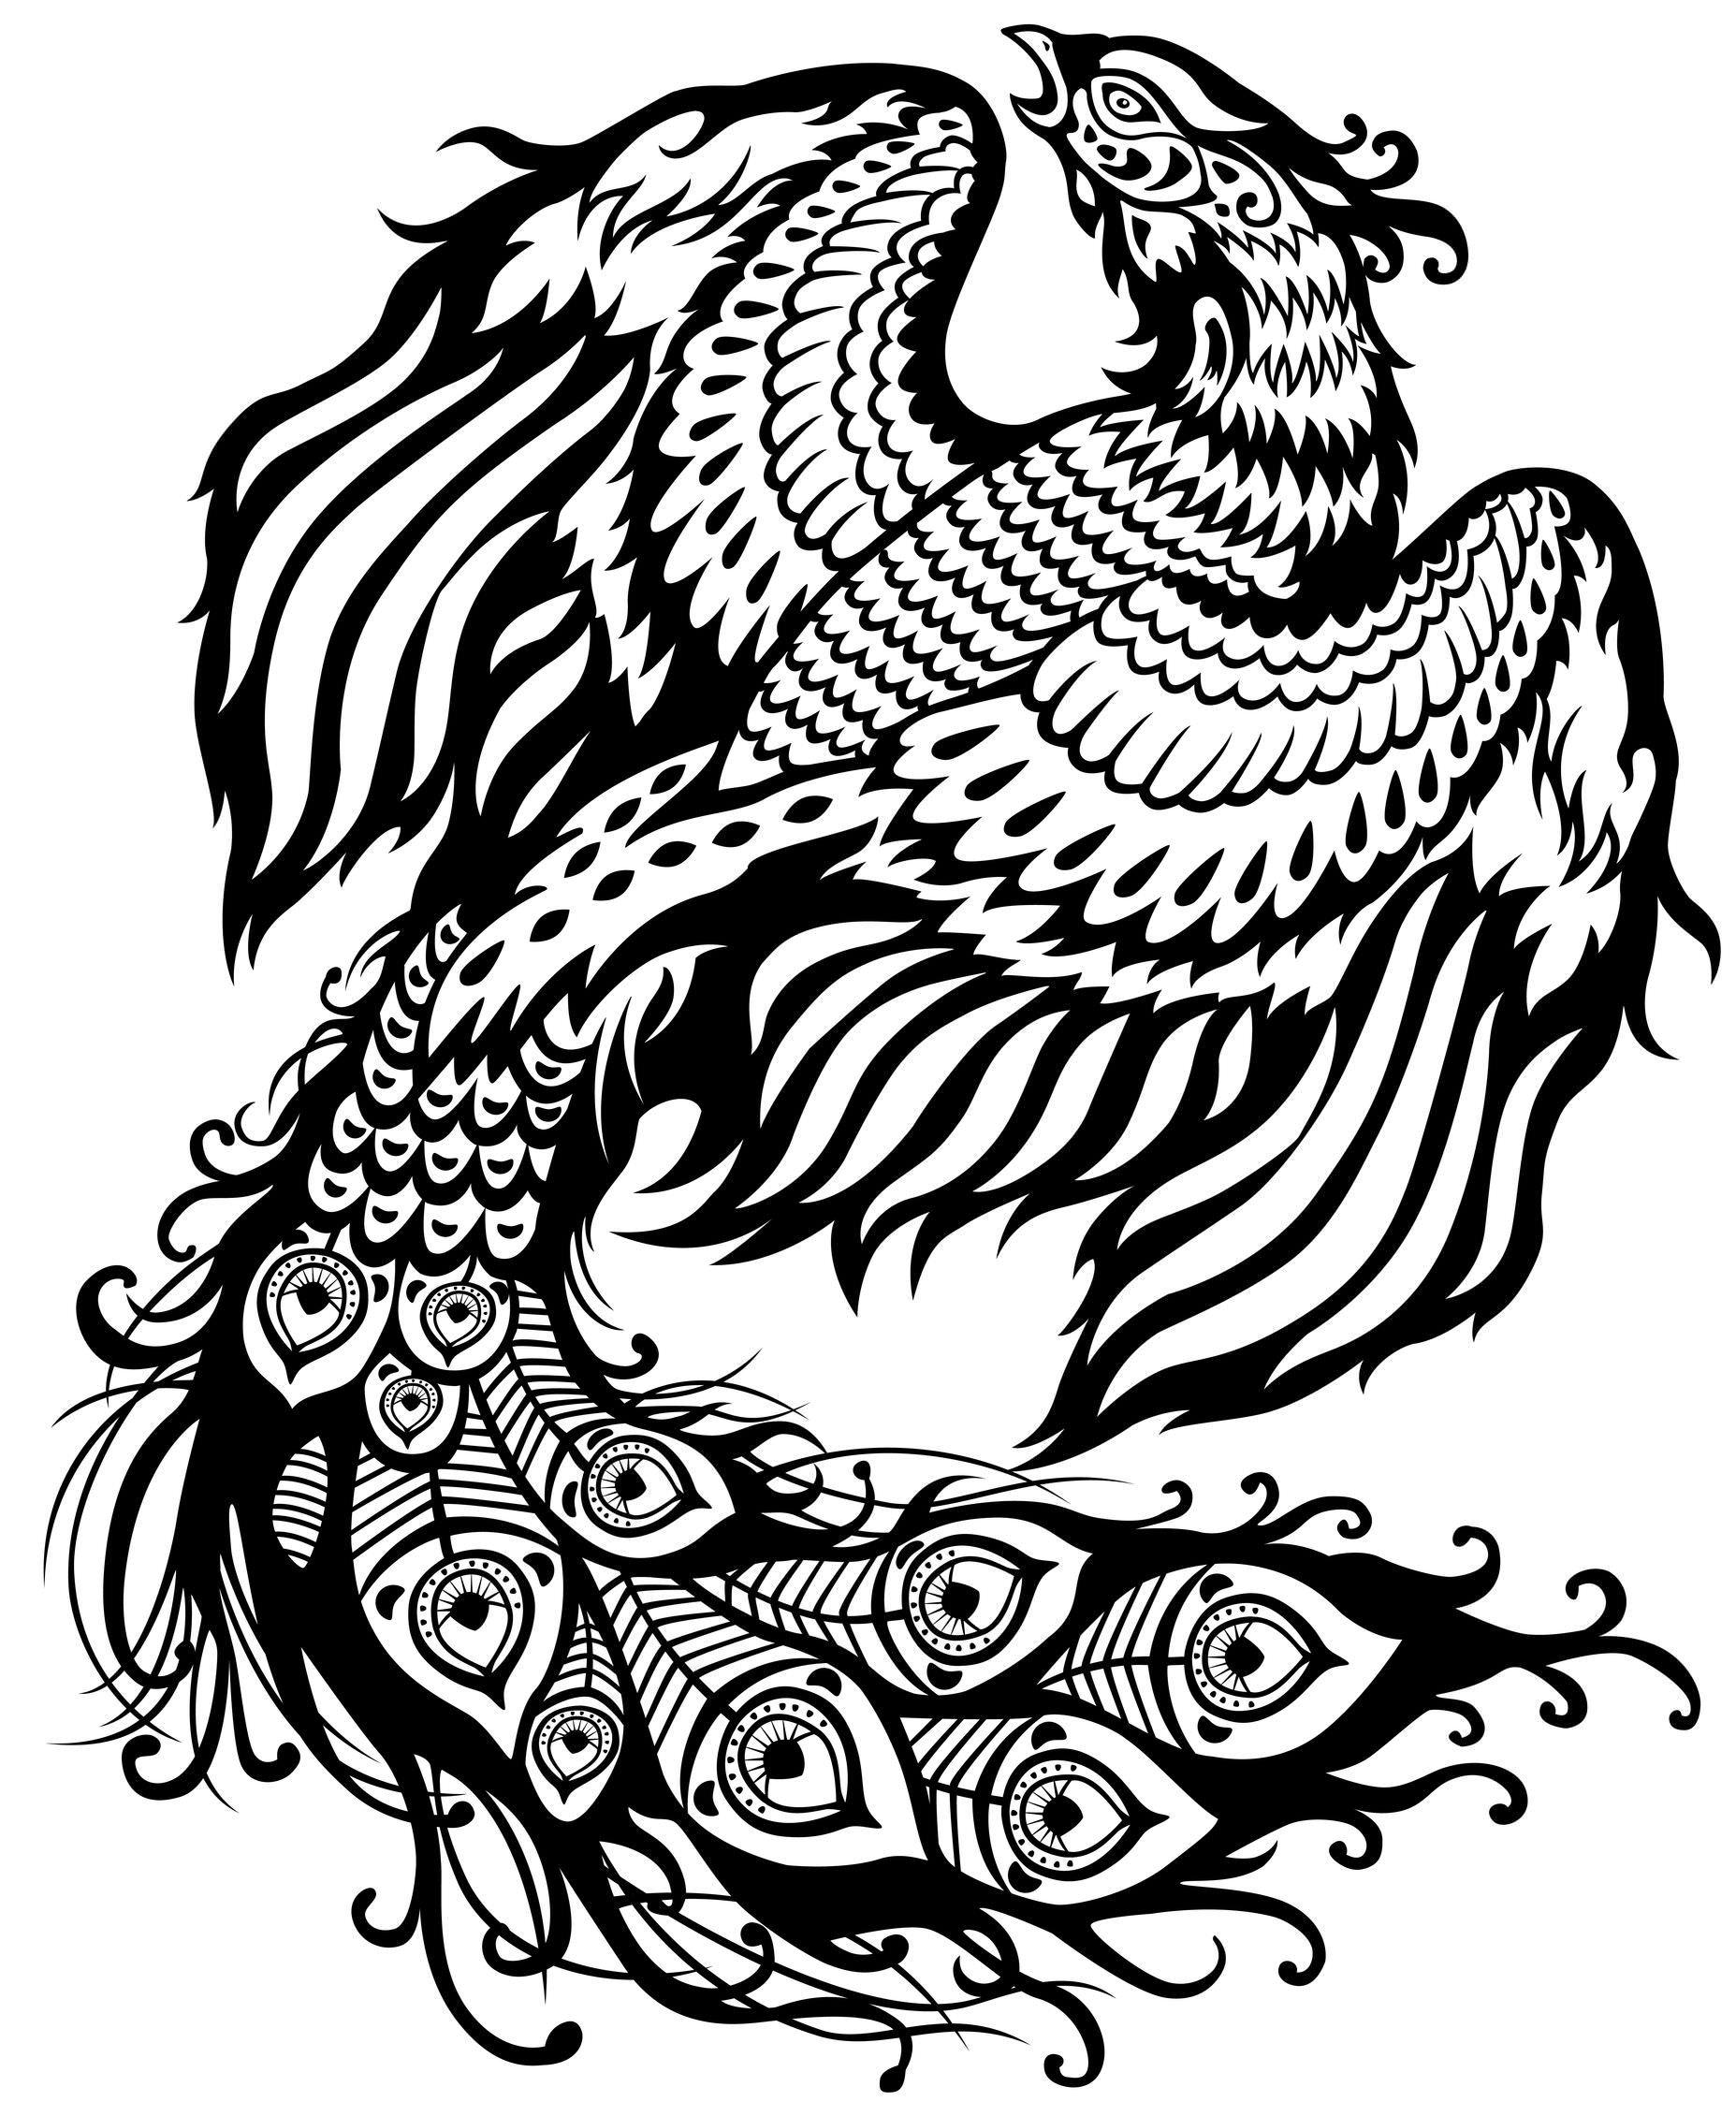 Coloriage phoenix dessin noir et blanc tatouage - Dessin animaux noir et blanc ...